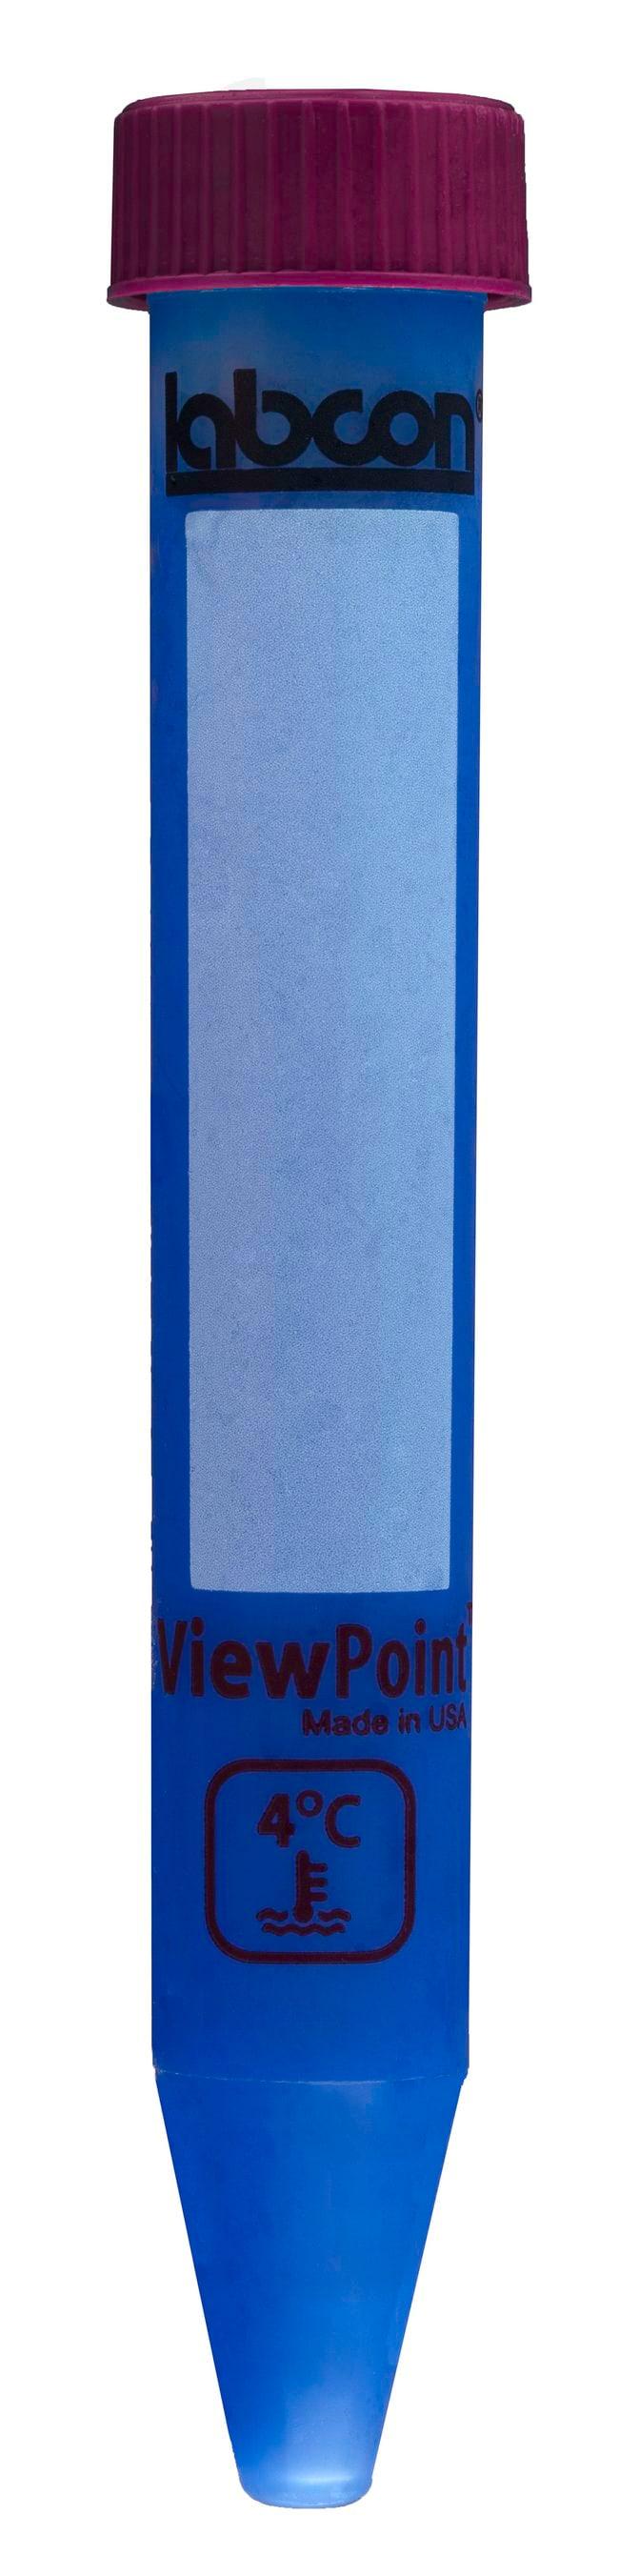 Labcon15 mL ViewPoint™ Centrifuge Thermochromic Tubes 25tubes par portoir en polypropylène réutilisable/ 2portoirs par paquet/ 6paquets par boîte; stérile Labcon15 mL ViewPoint™ Centrifuge Thermochromic Tubes